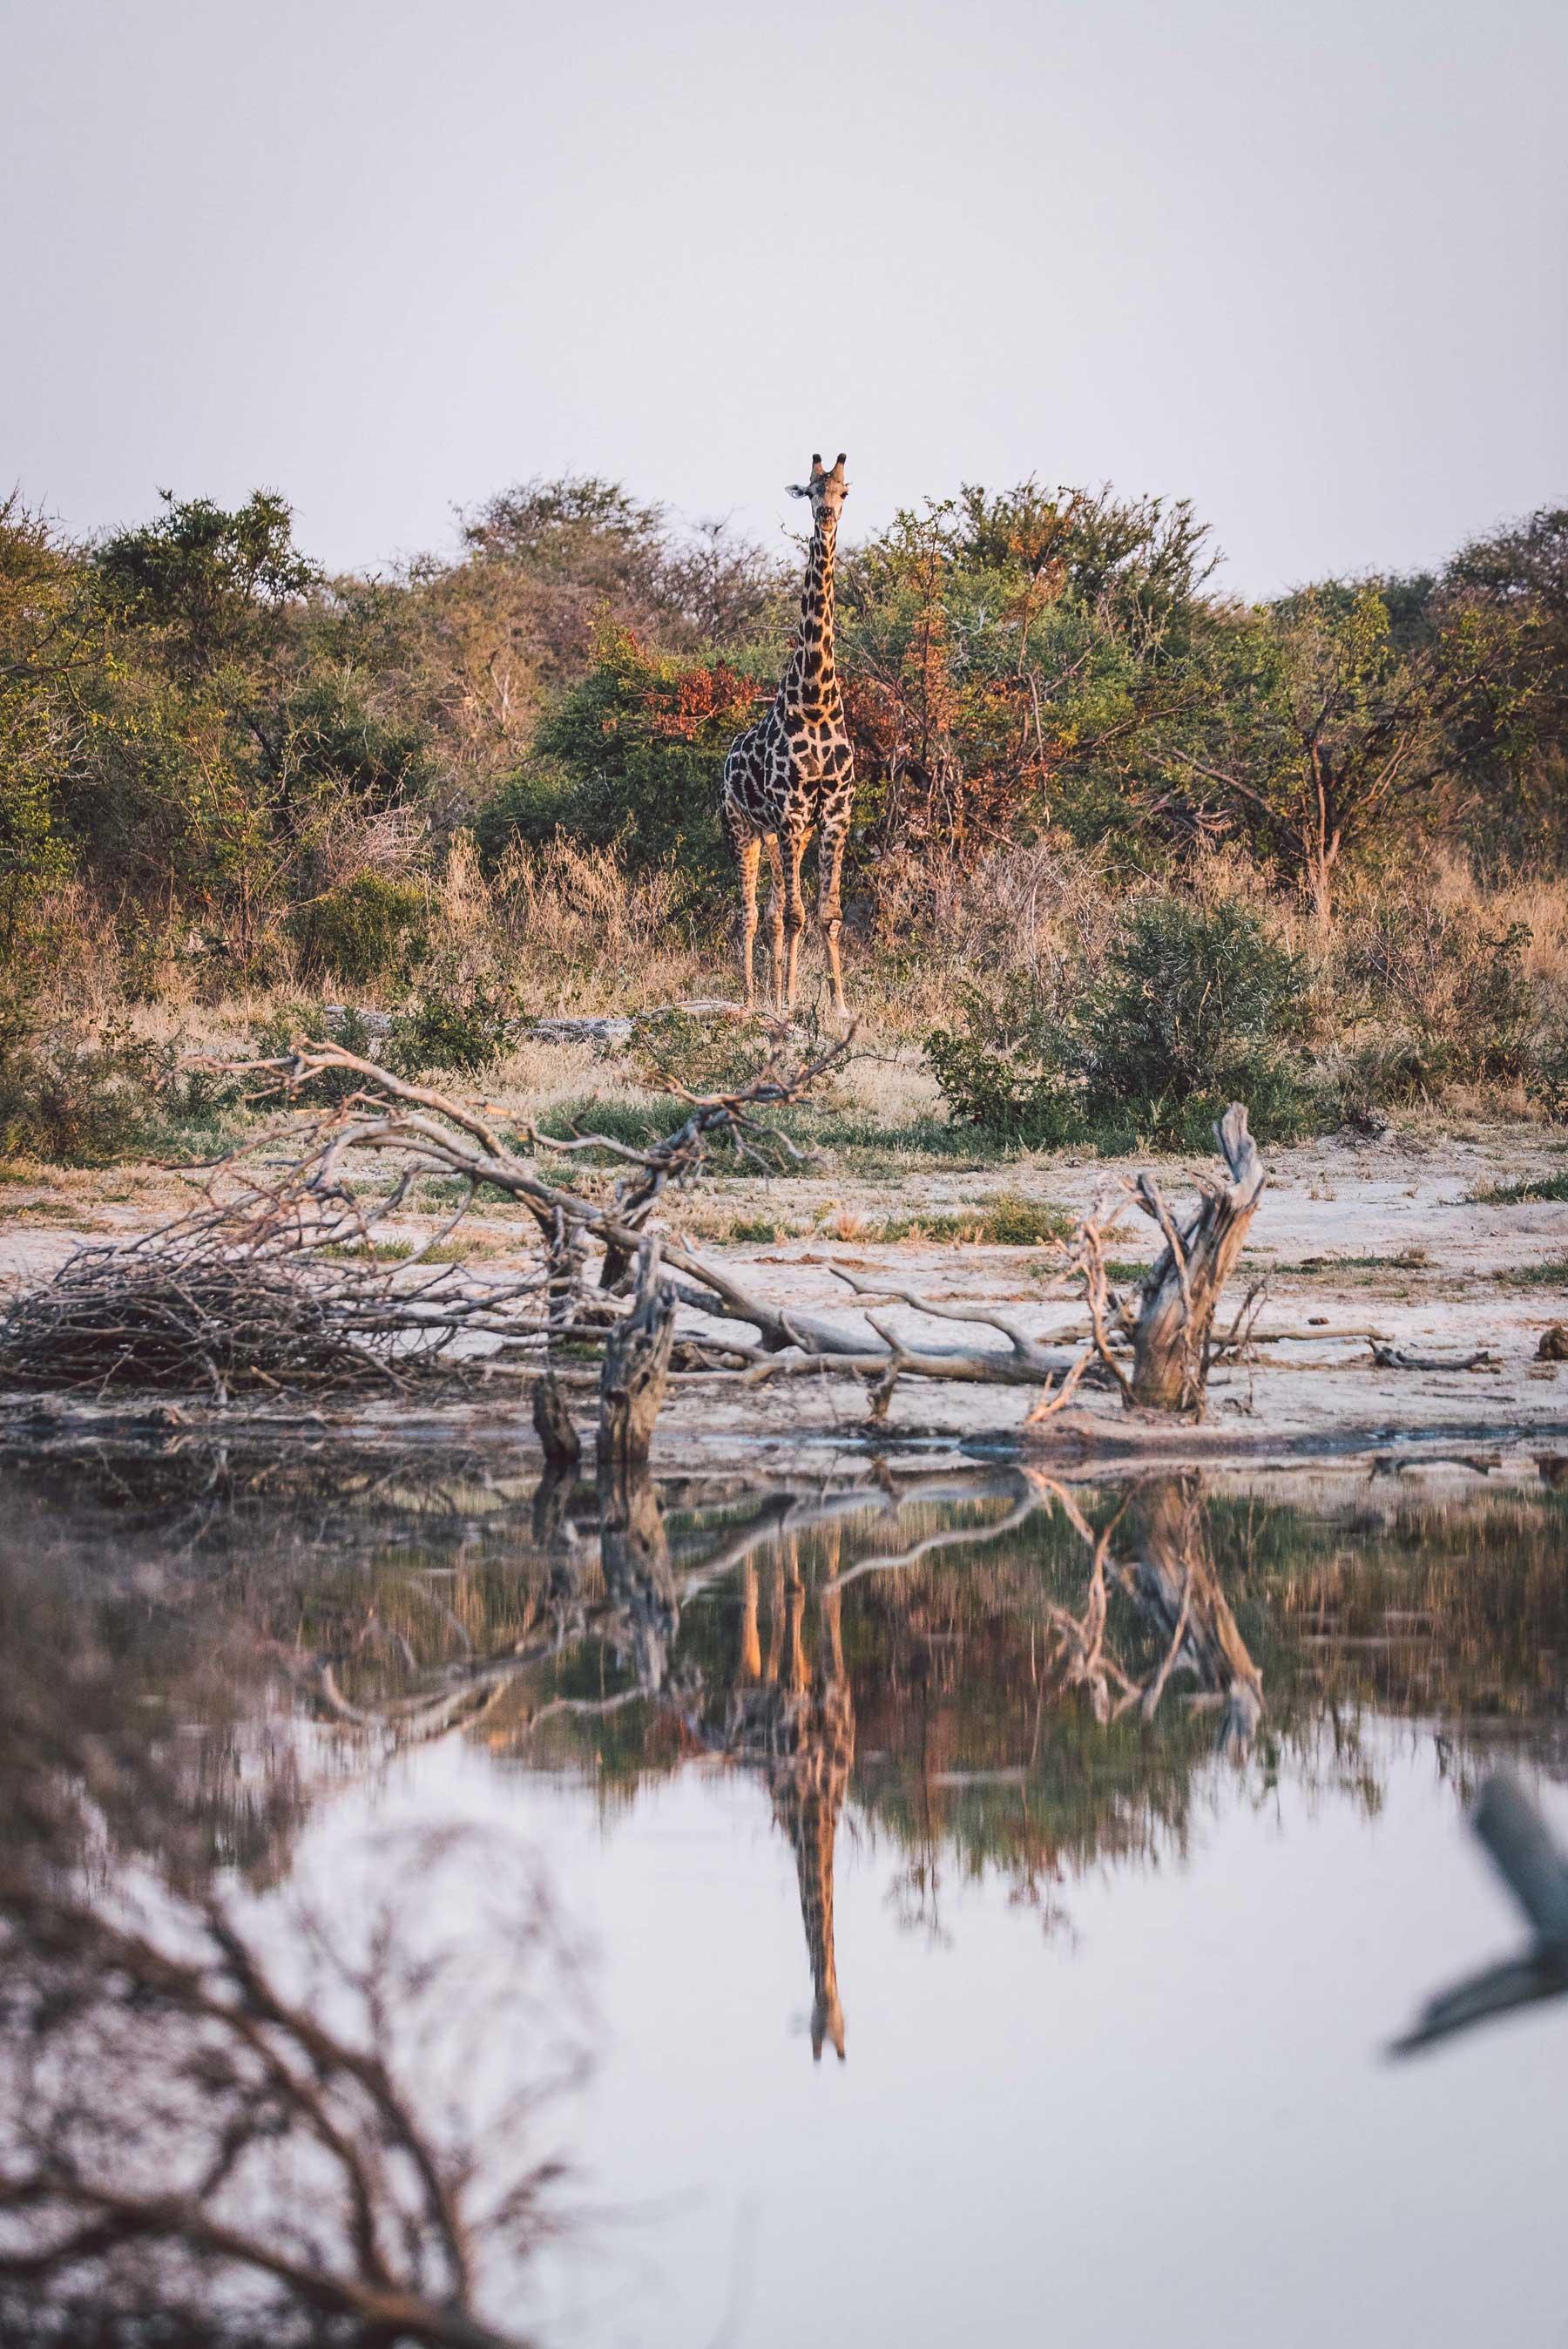 Giraffe at Tuskers Bush Camp